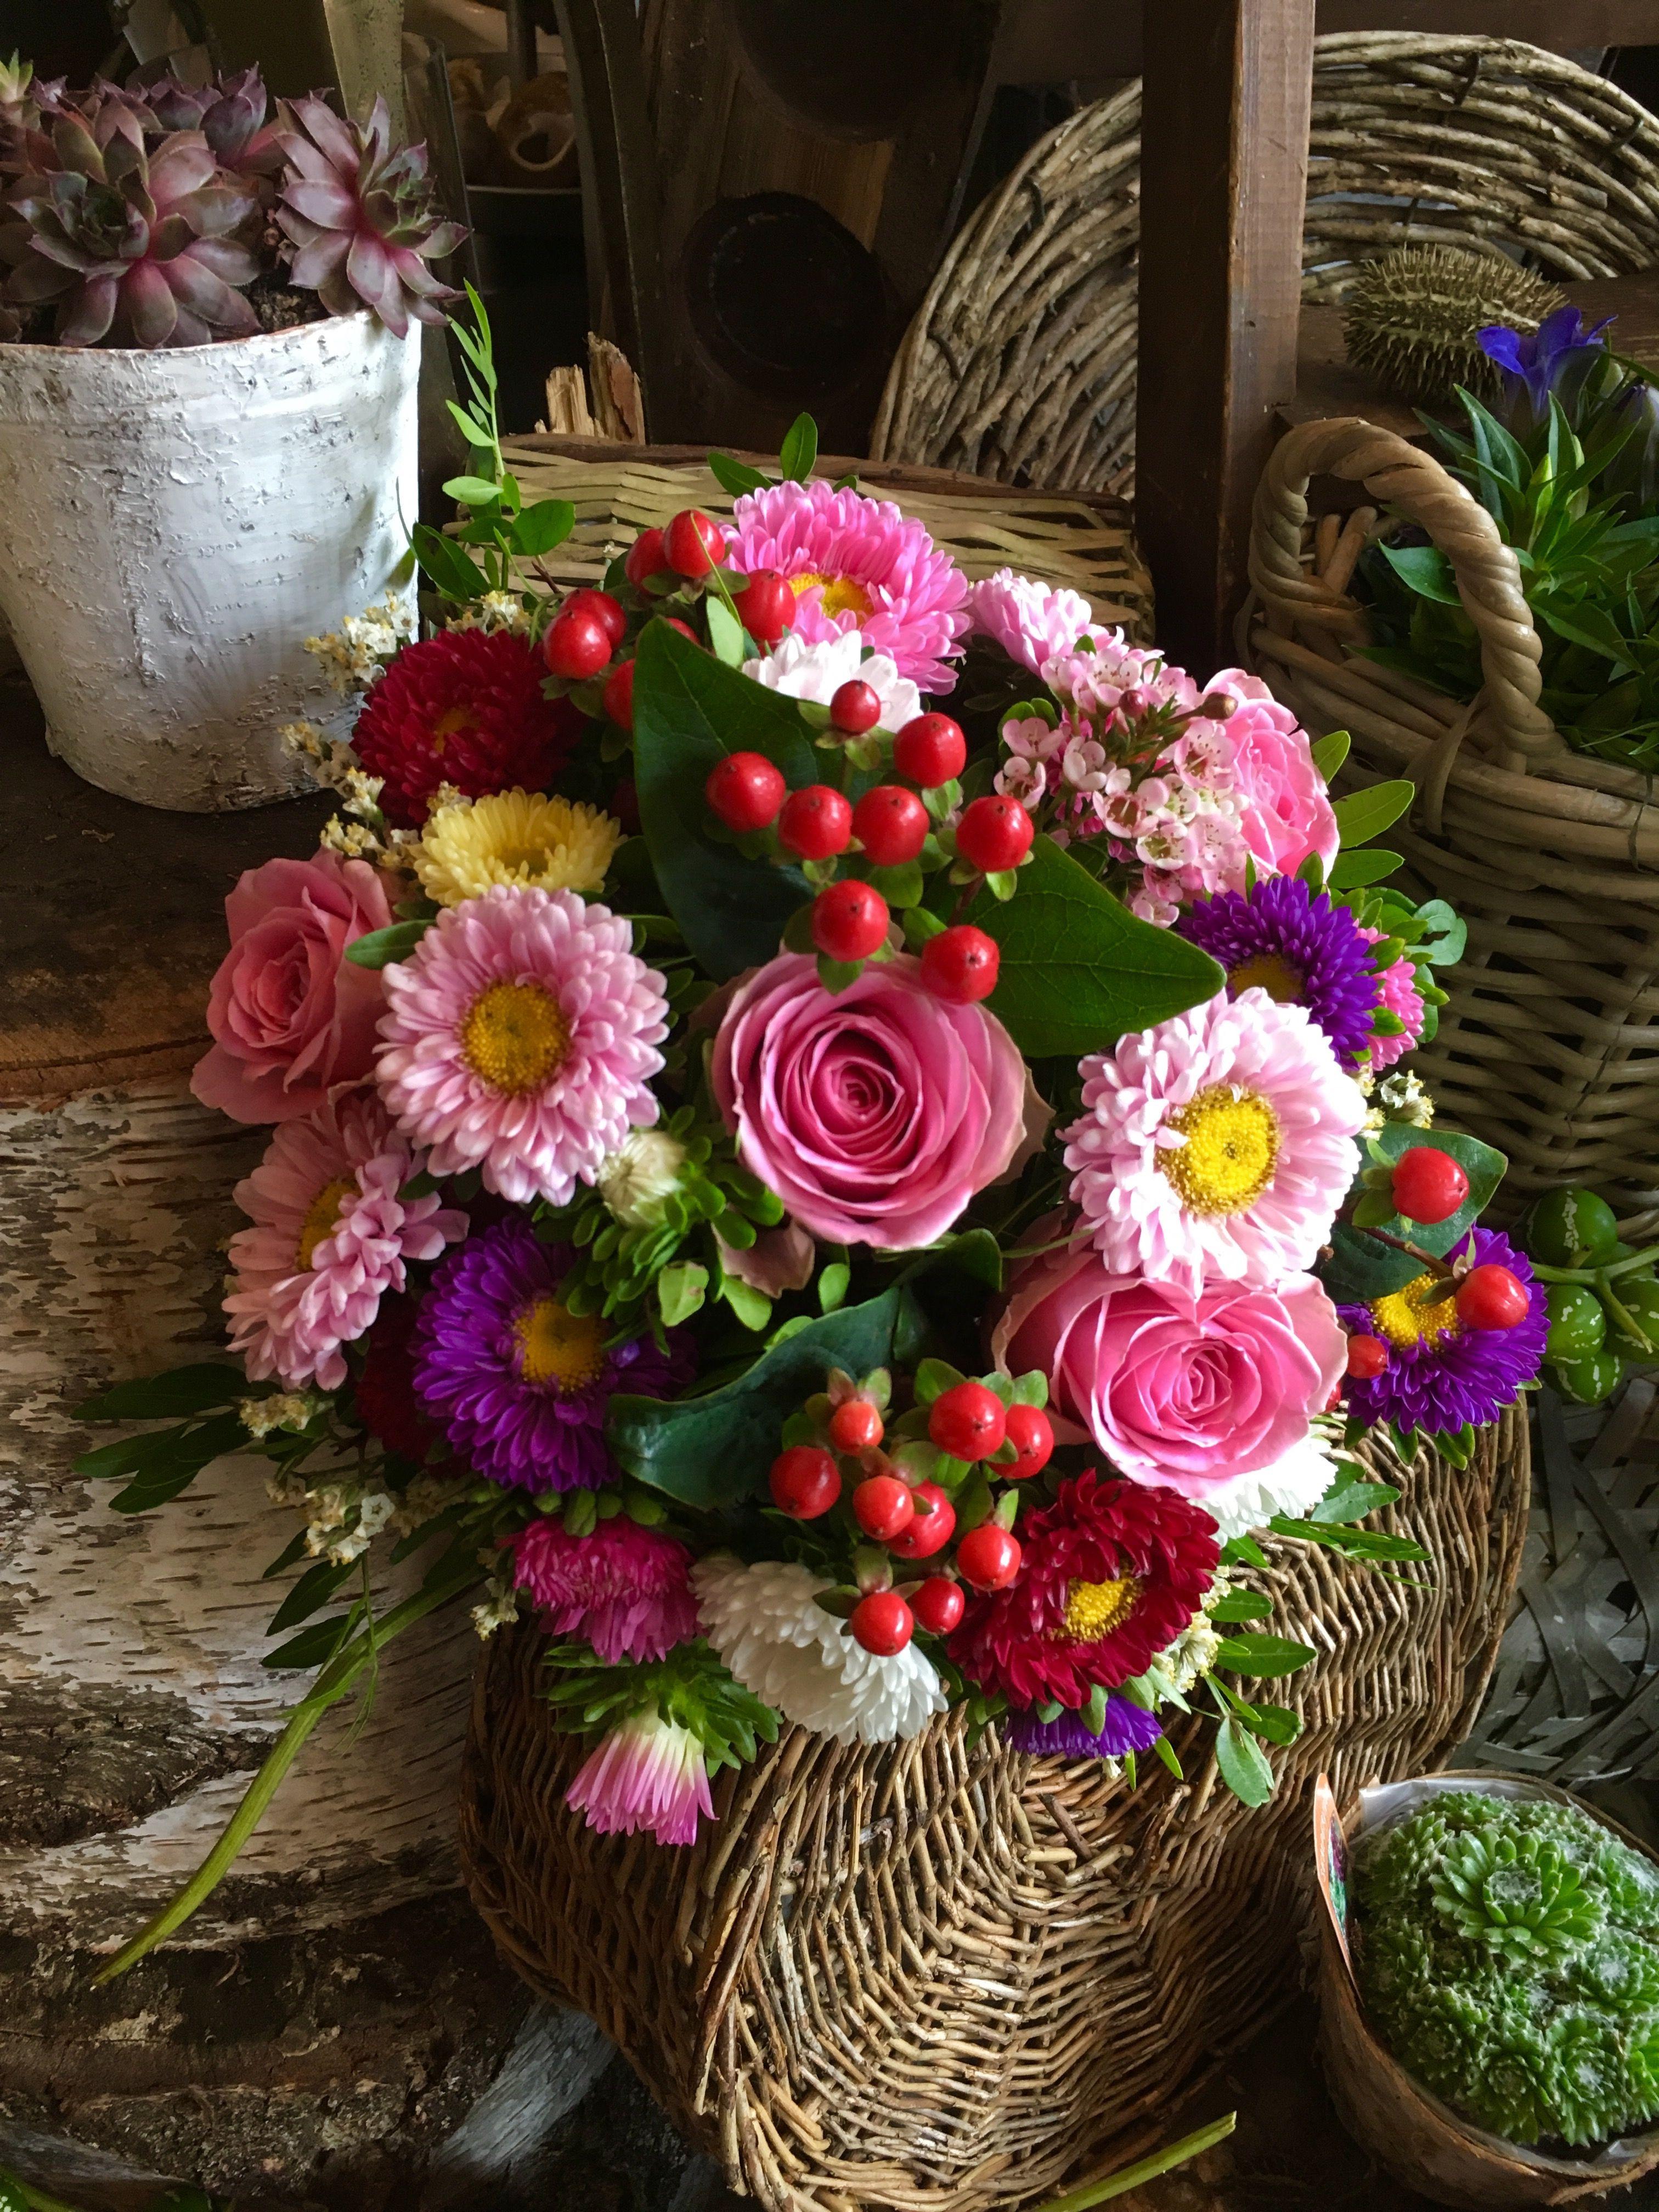 Bunter Herbststrauß 🍁! Blumenfachgeschäft BLÜTENDUFT in